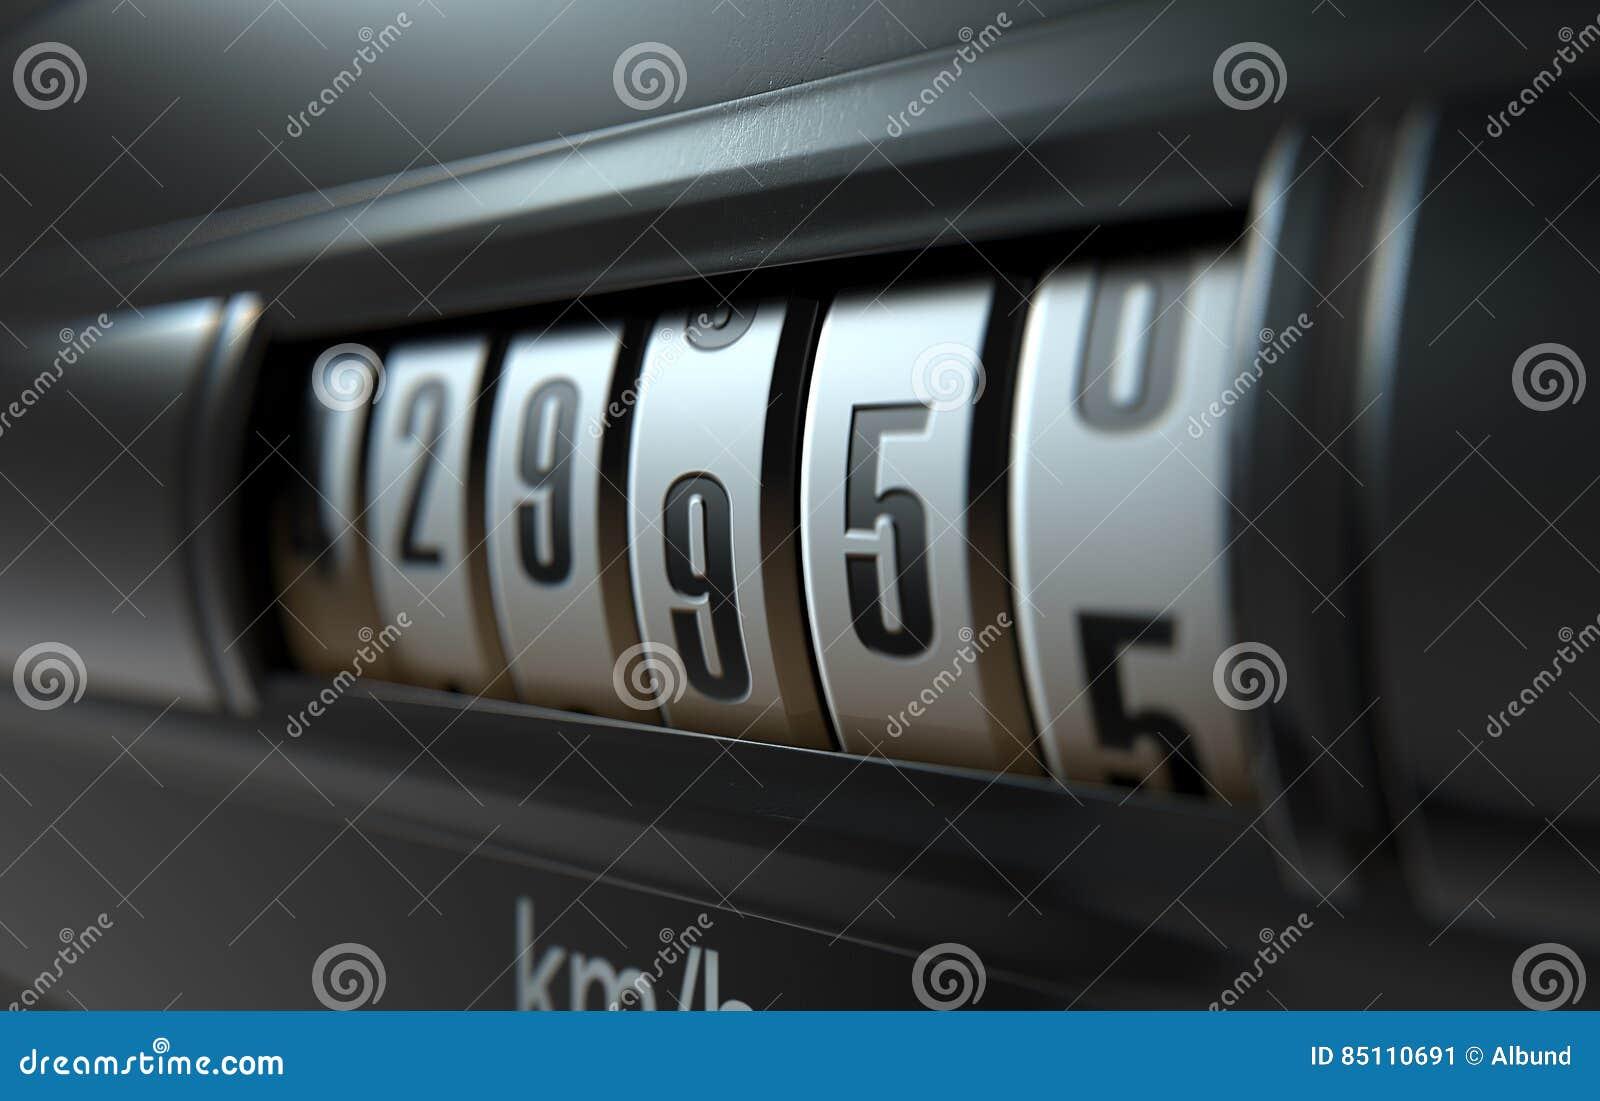 Auto entfernungsmesser hoch stock abbildung illustration von